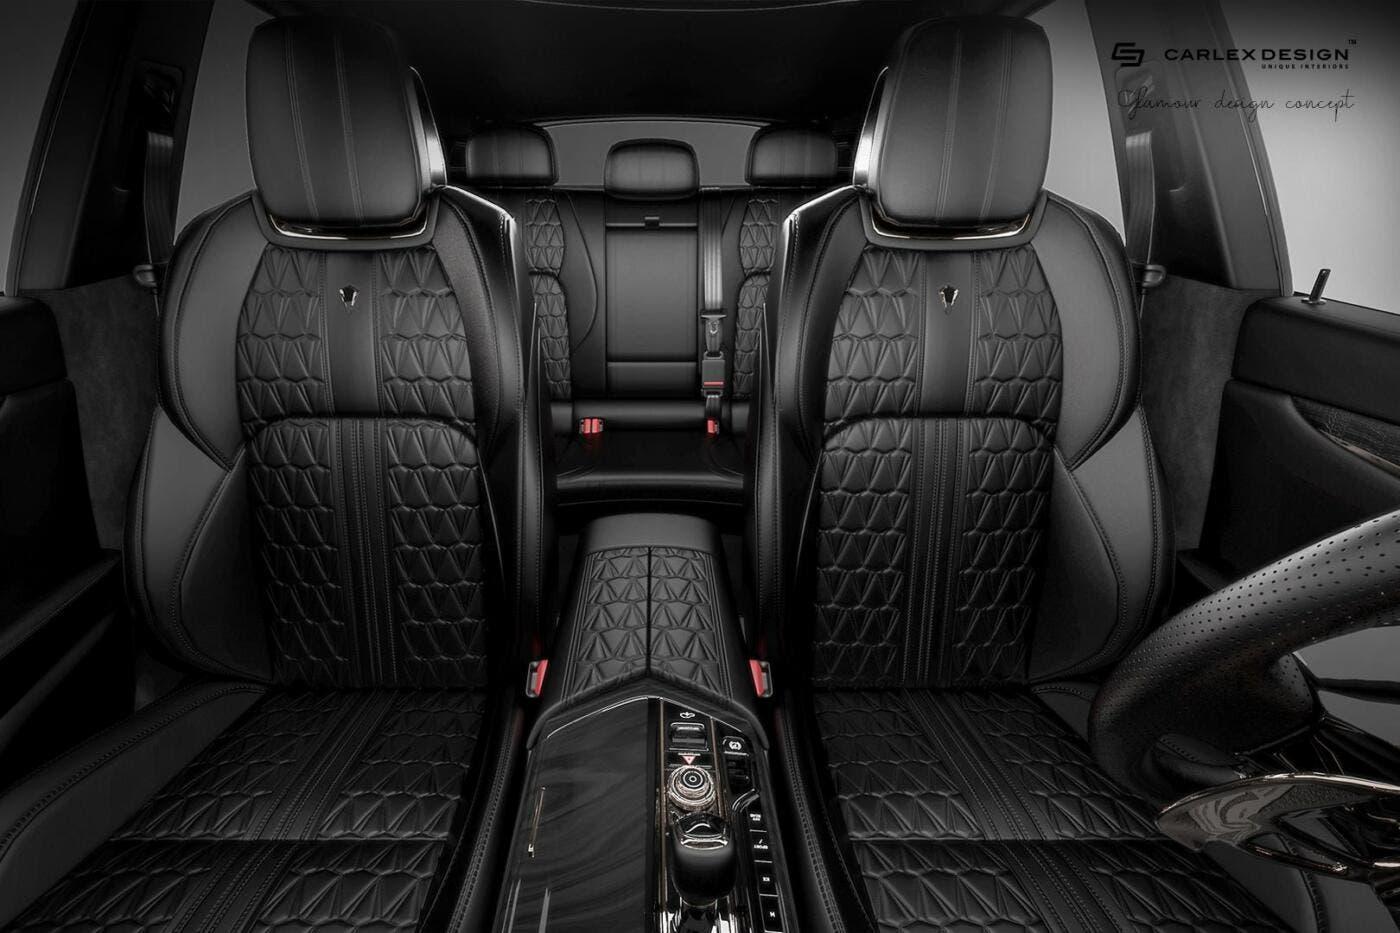 Maserati Levante Carlex Design